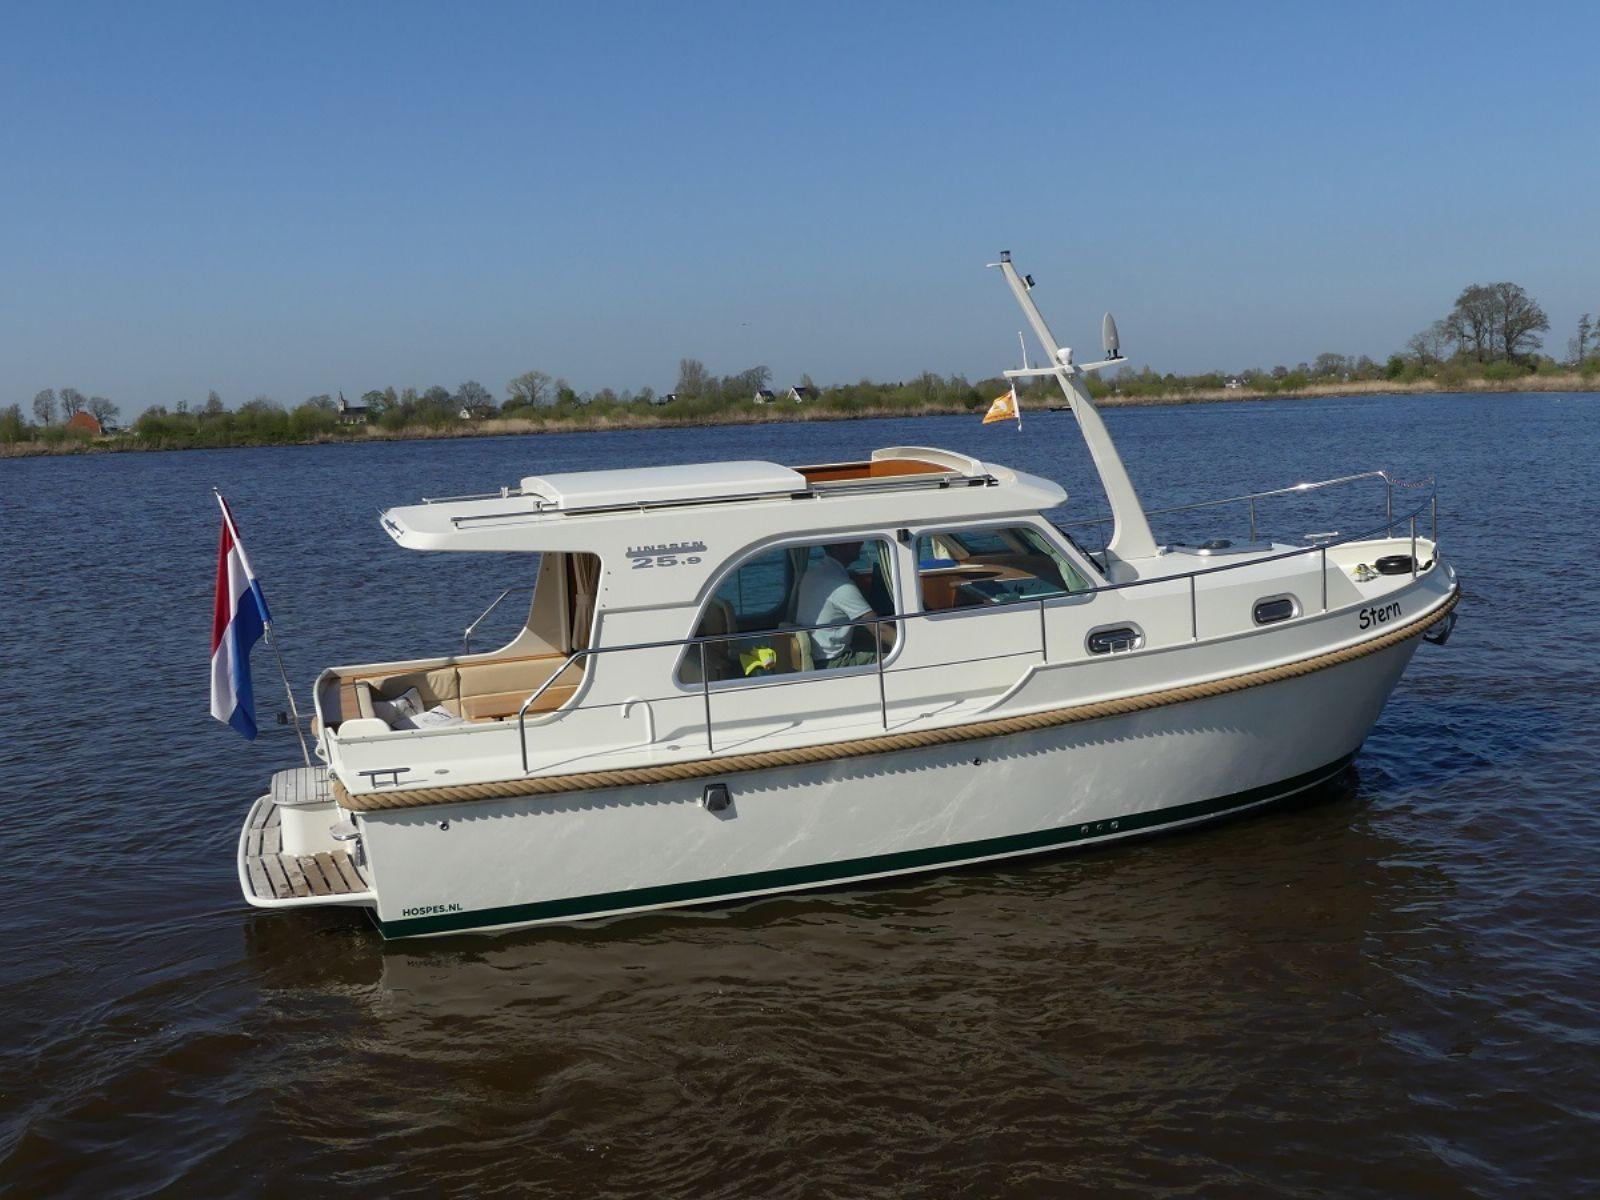 motorjachten met een lage doorvaarthoogte